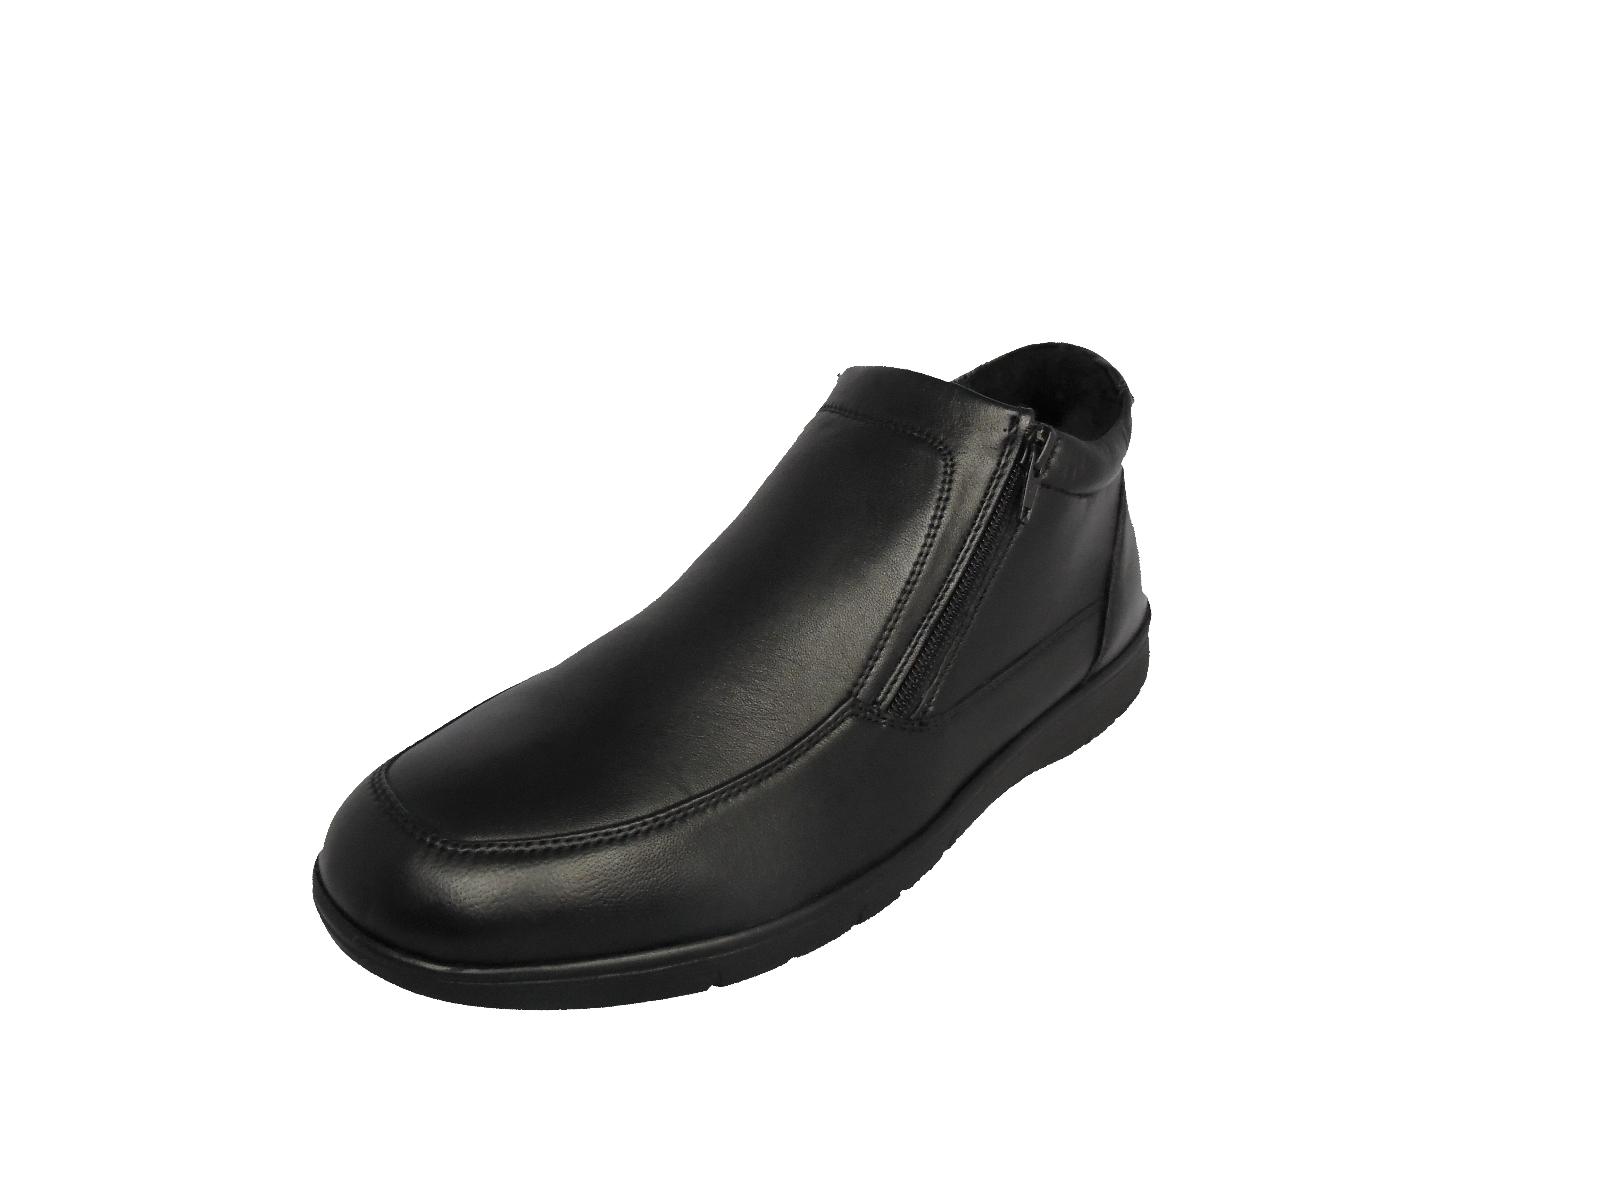 Uomini Ragazzi Ragazzi Ragazzi Dr Keller pelle, Nero Scarpe Inverno Comfort Zip Stivali Casual | lusso  | Scolaro/Ragazze Scarpa  7c1f09